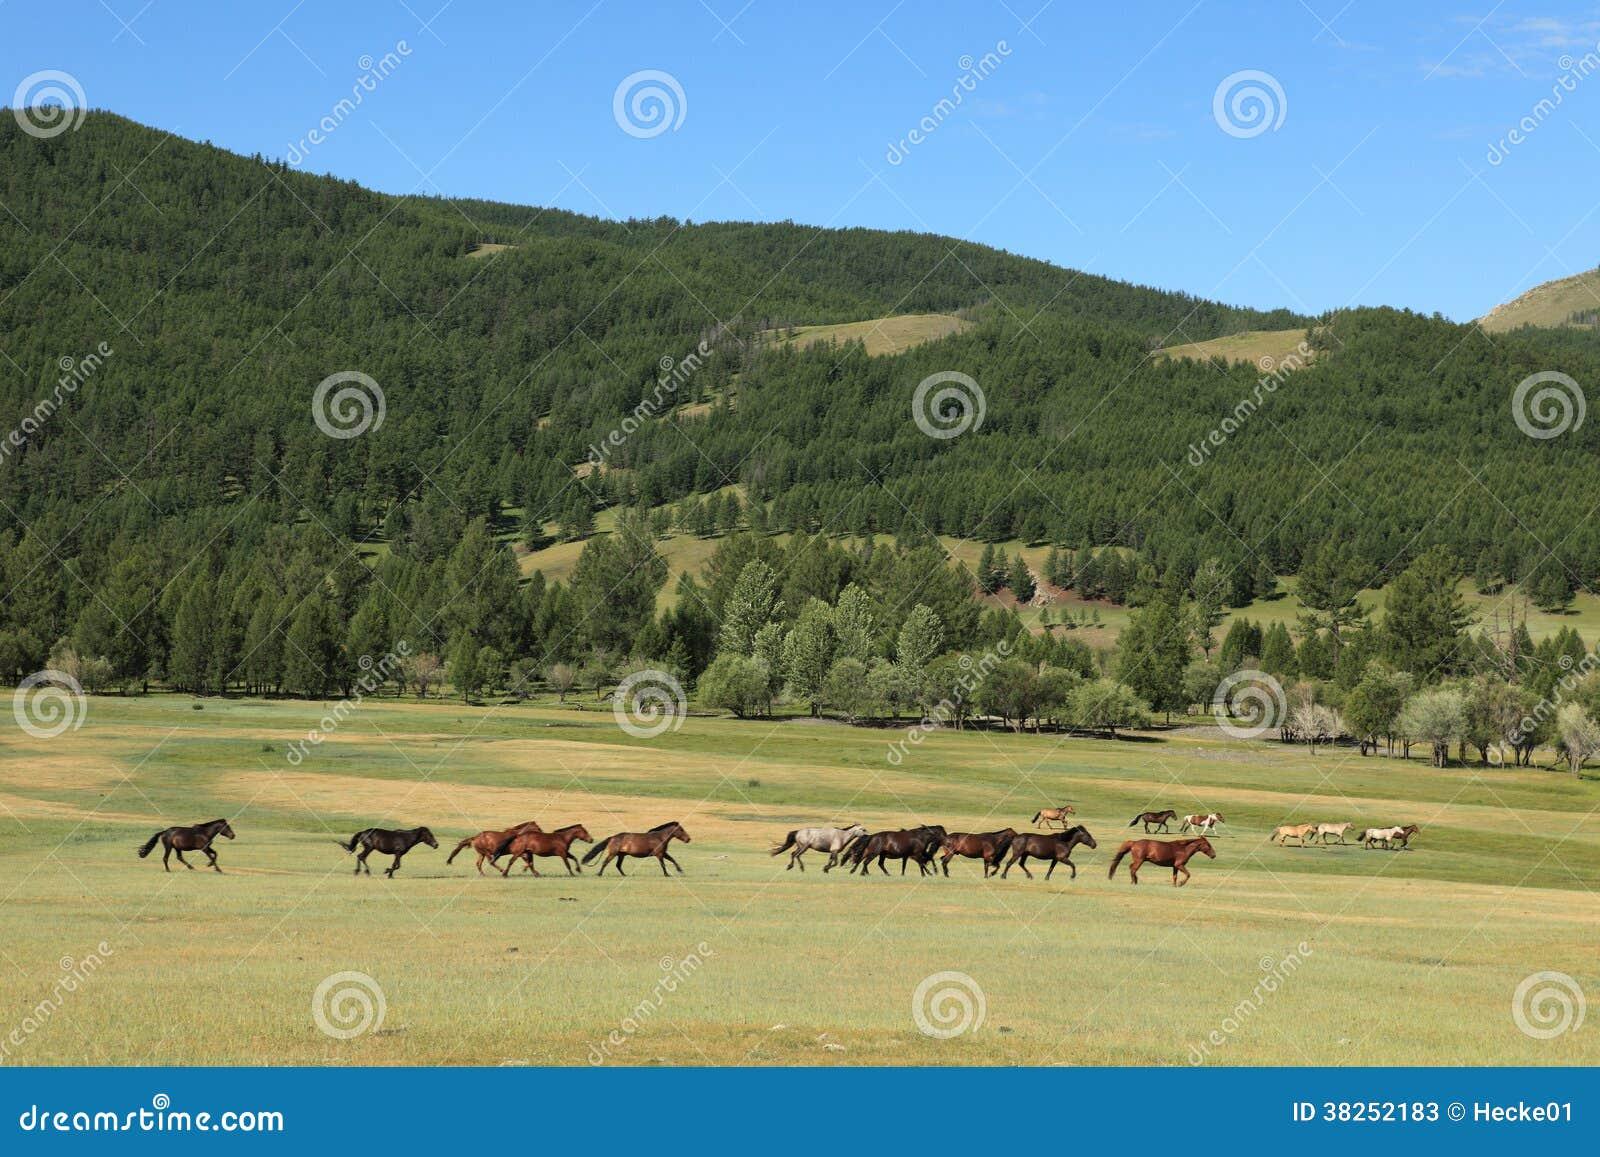 蒙古的野马